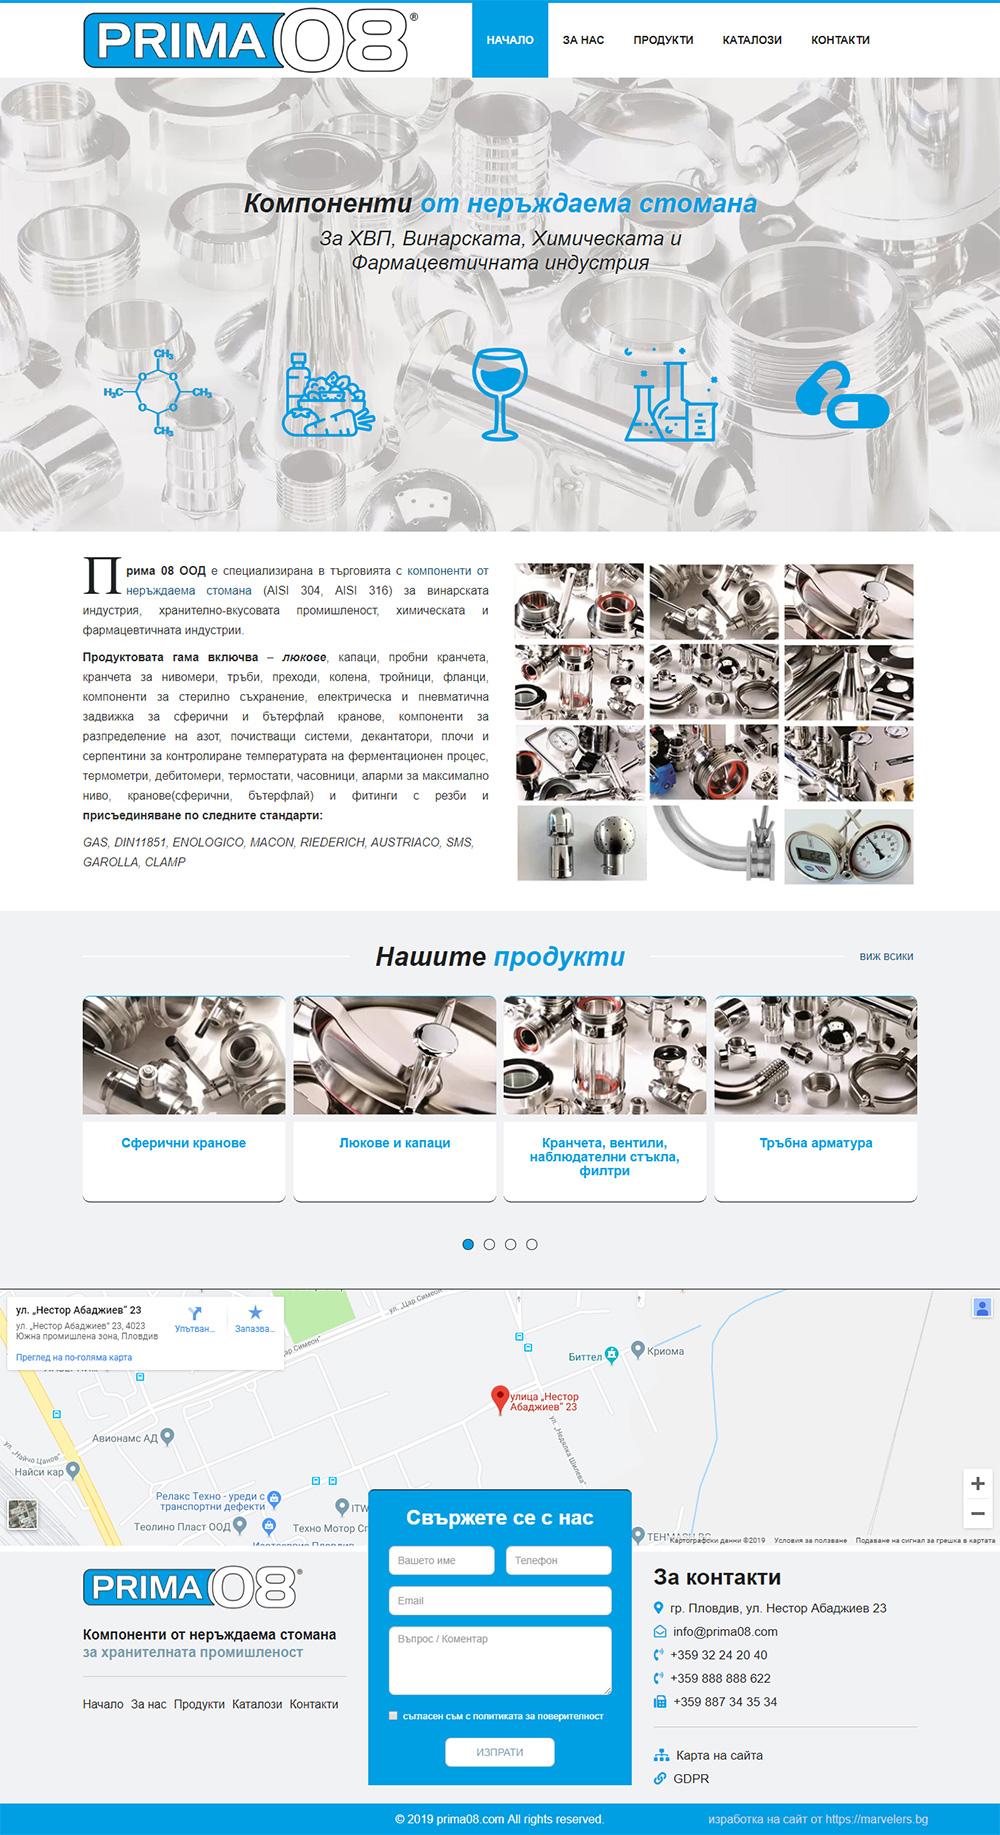 Фирмен уеб сайт на Прима 08